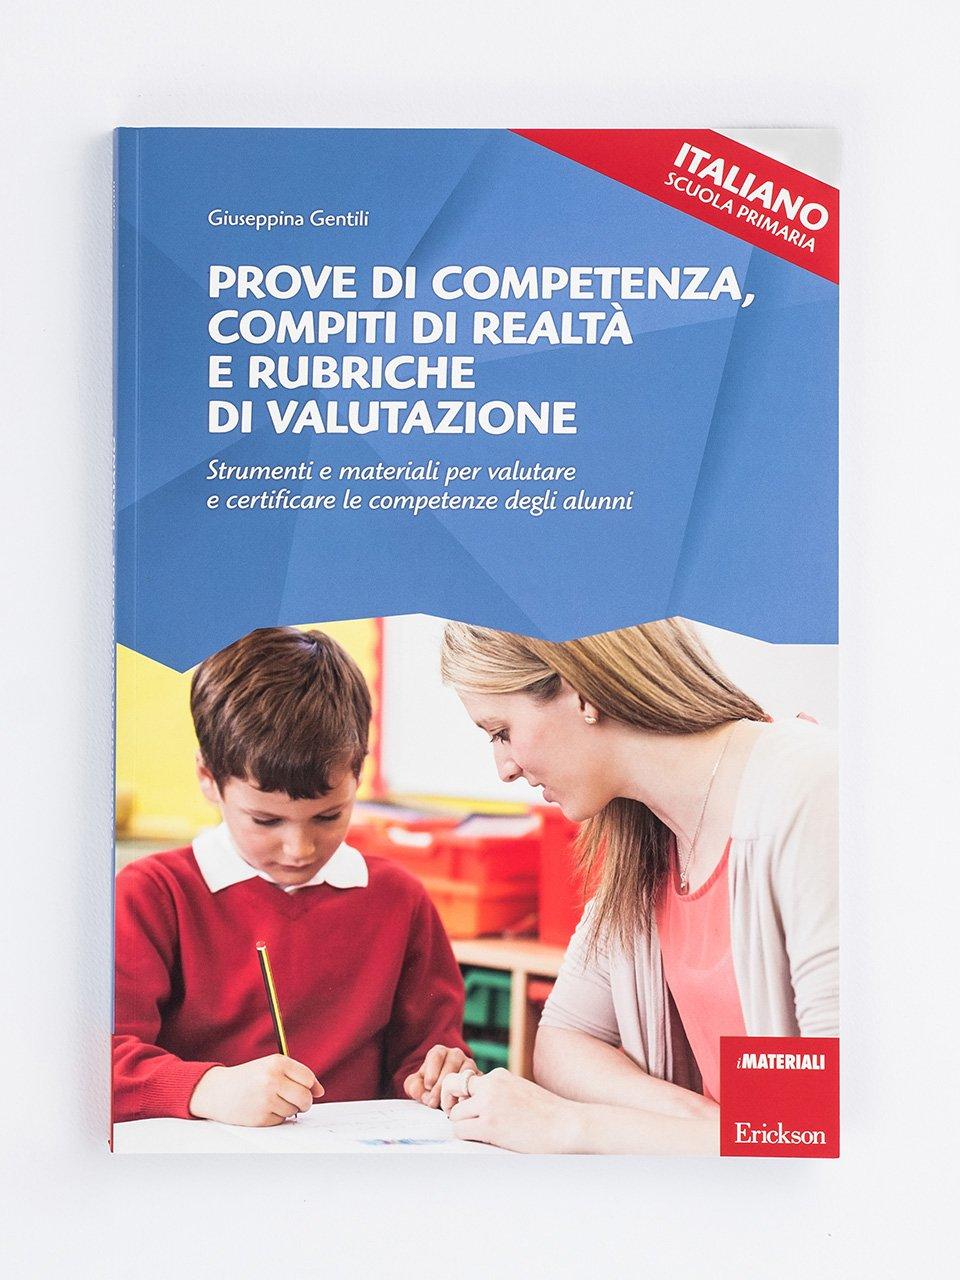 Prove di competenza, compiti di realtà e rubriche di valutazione - ITALIANO - SCUOLA PRIMARIA - La competenza digitale nella scuola - Libri - Erickson